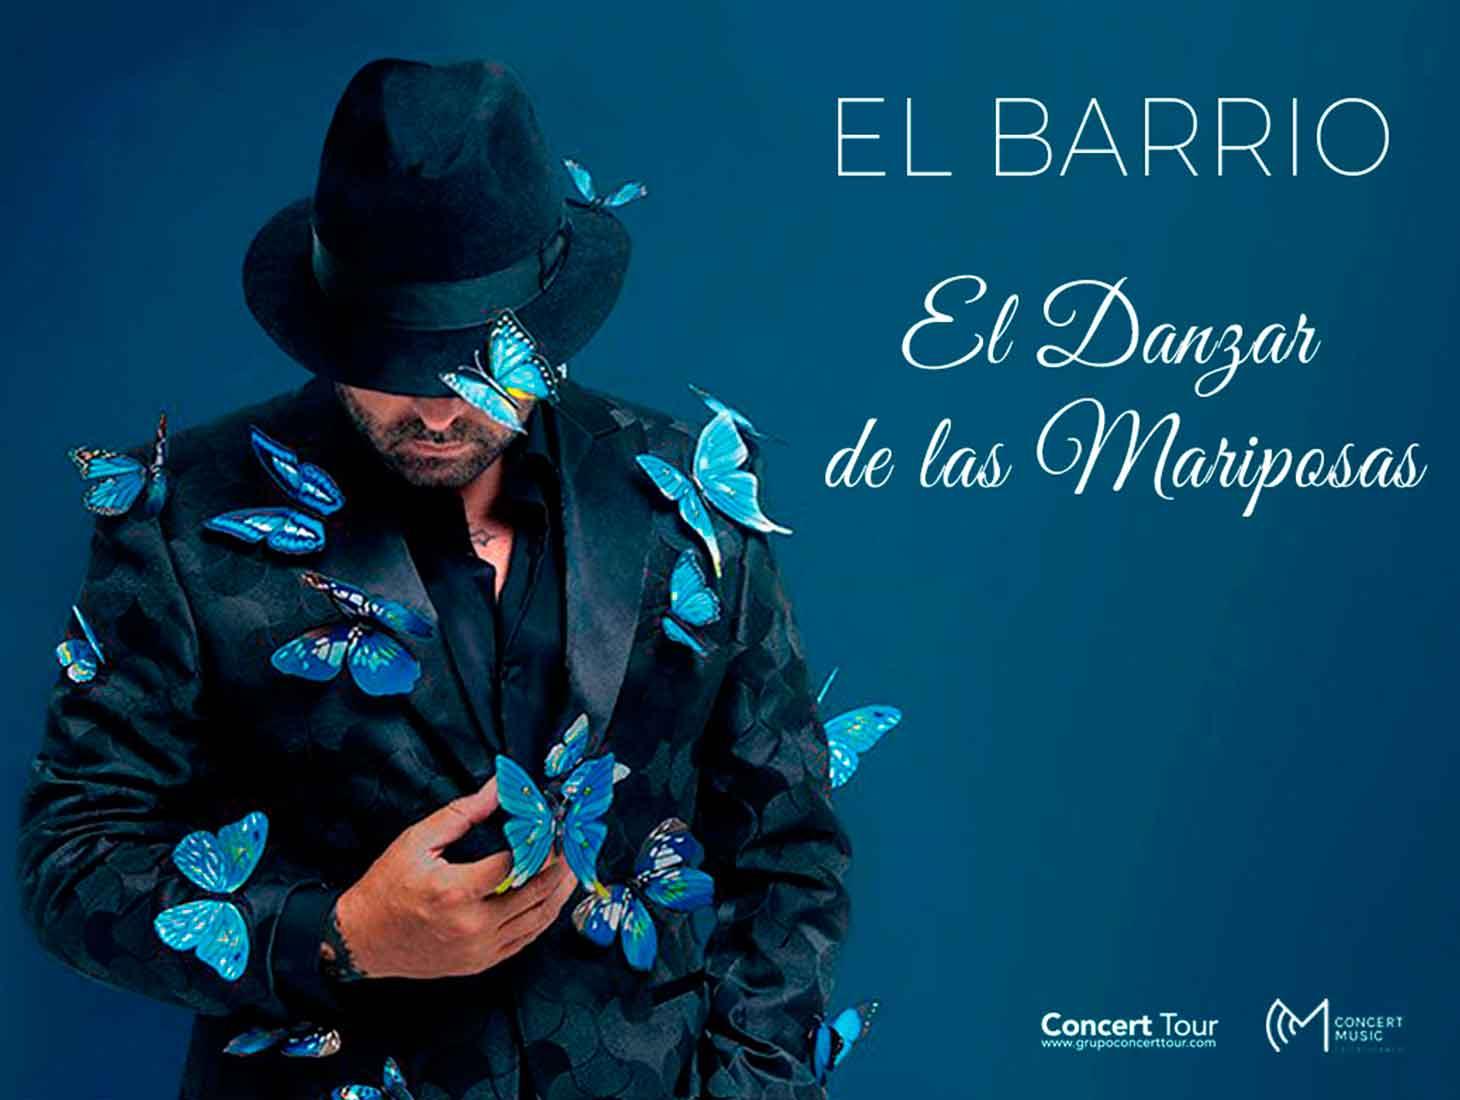 el-barrio-5ddd064461158.jpeg